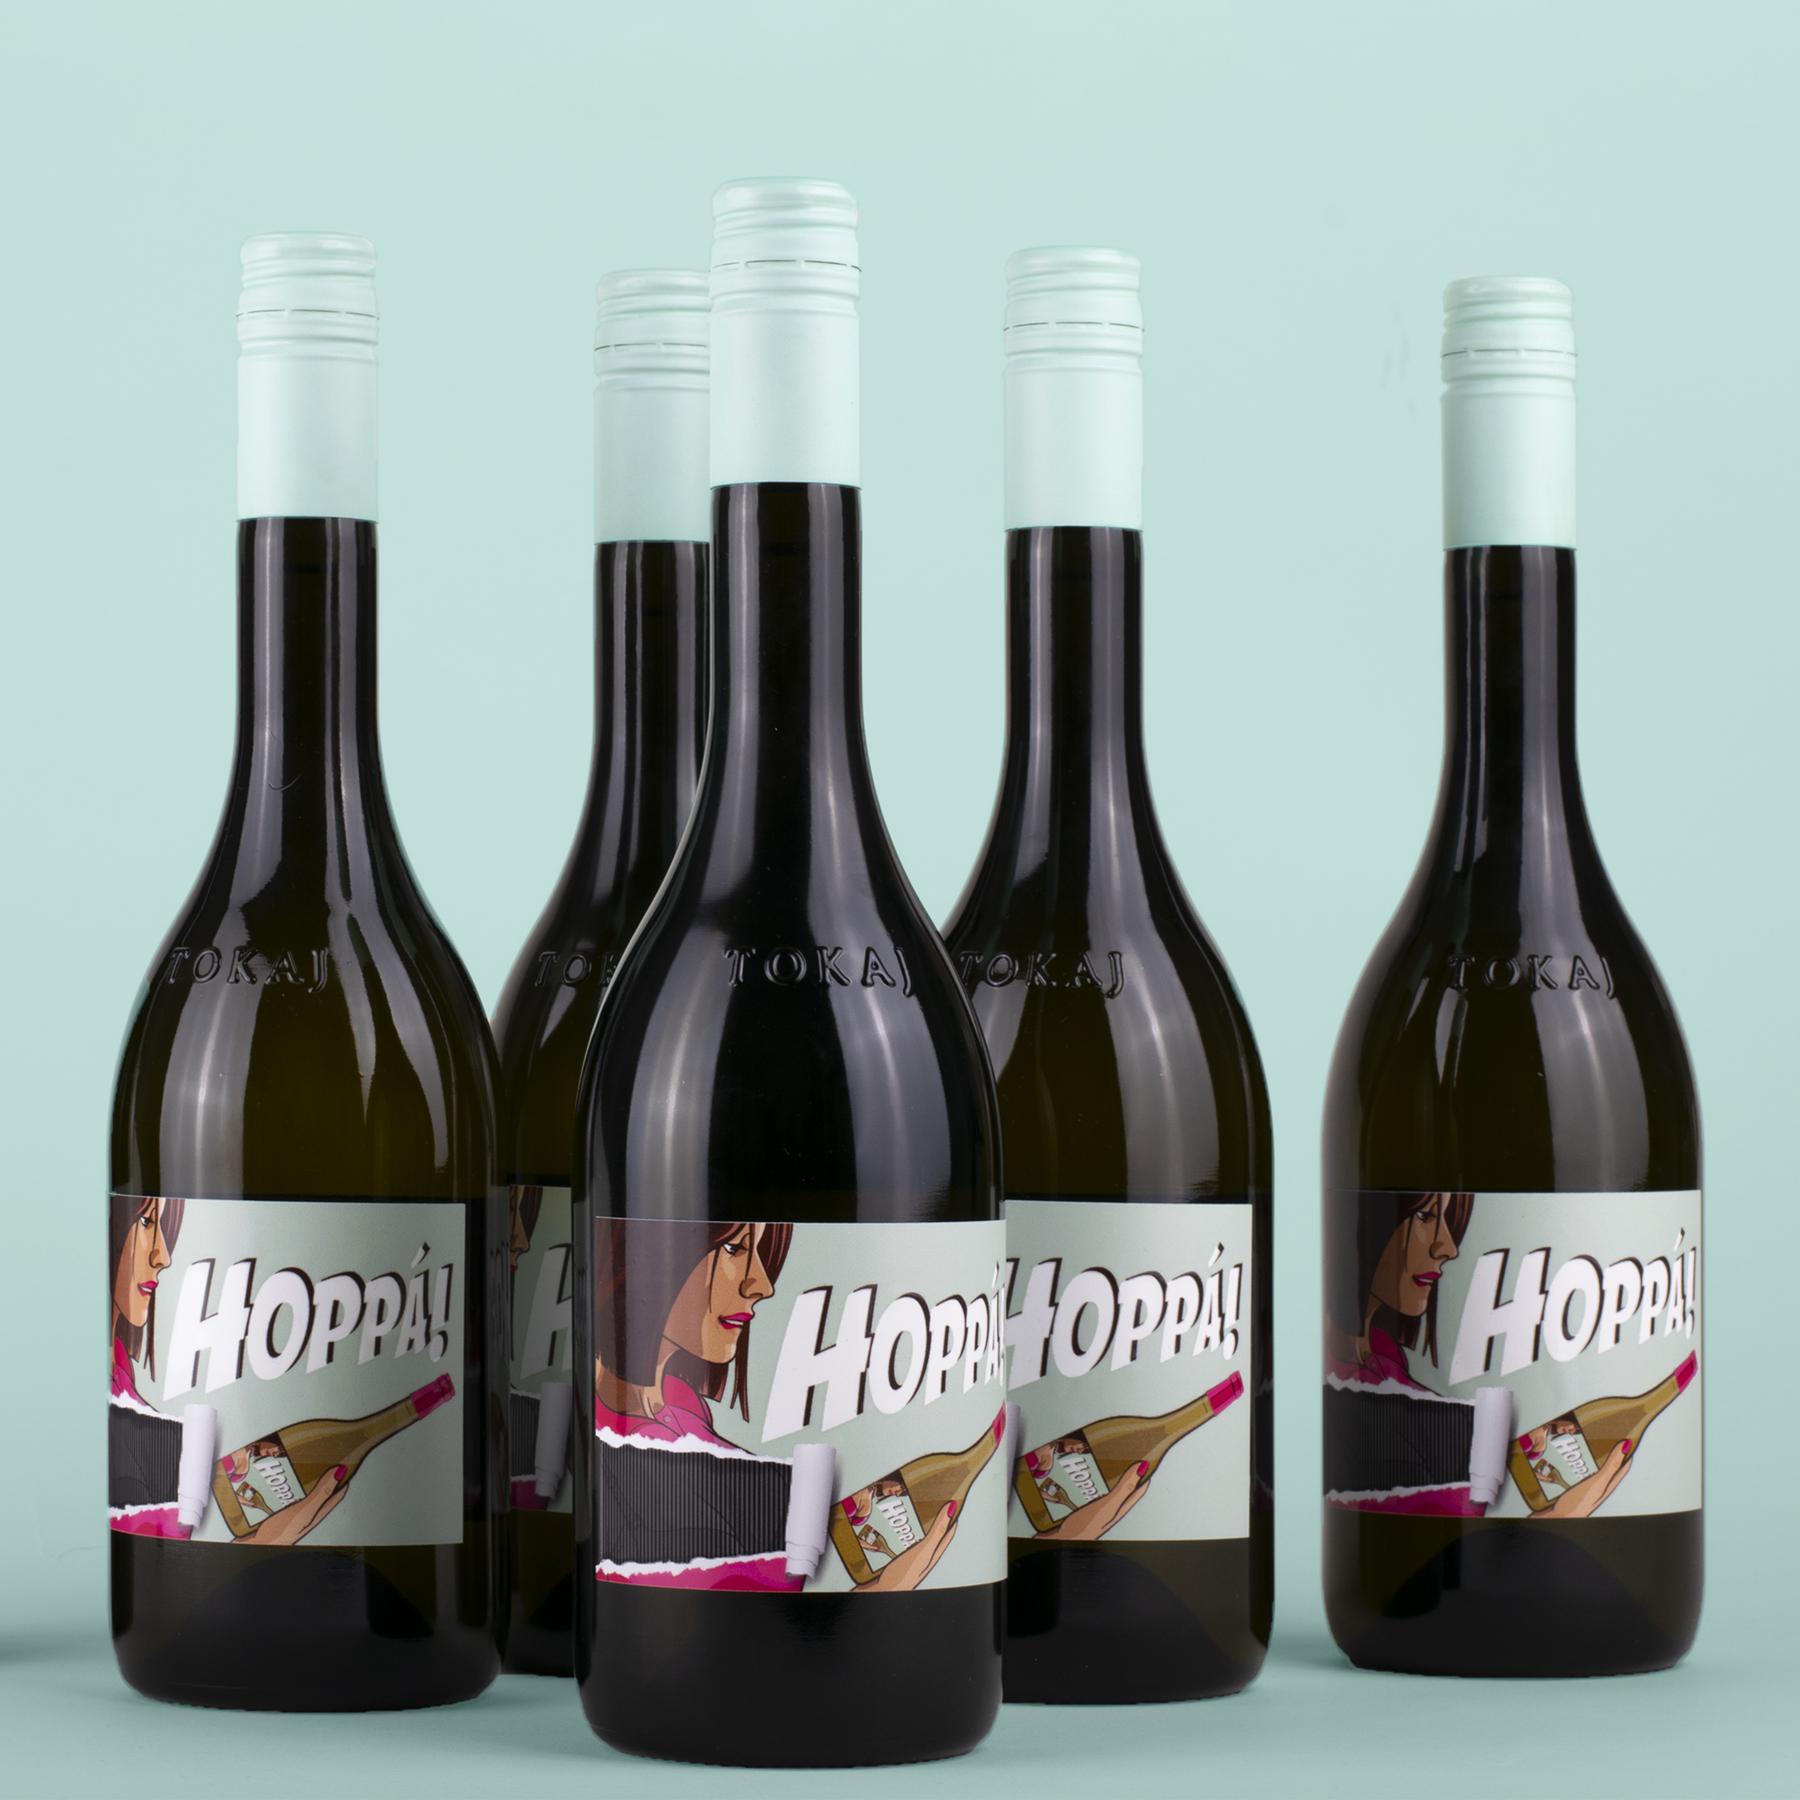 Unique Label Design for a Hungarian Wine / World Brand Design Society